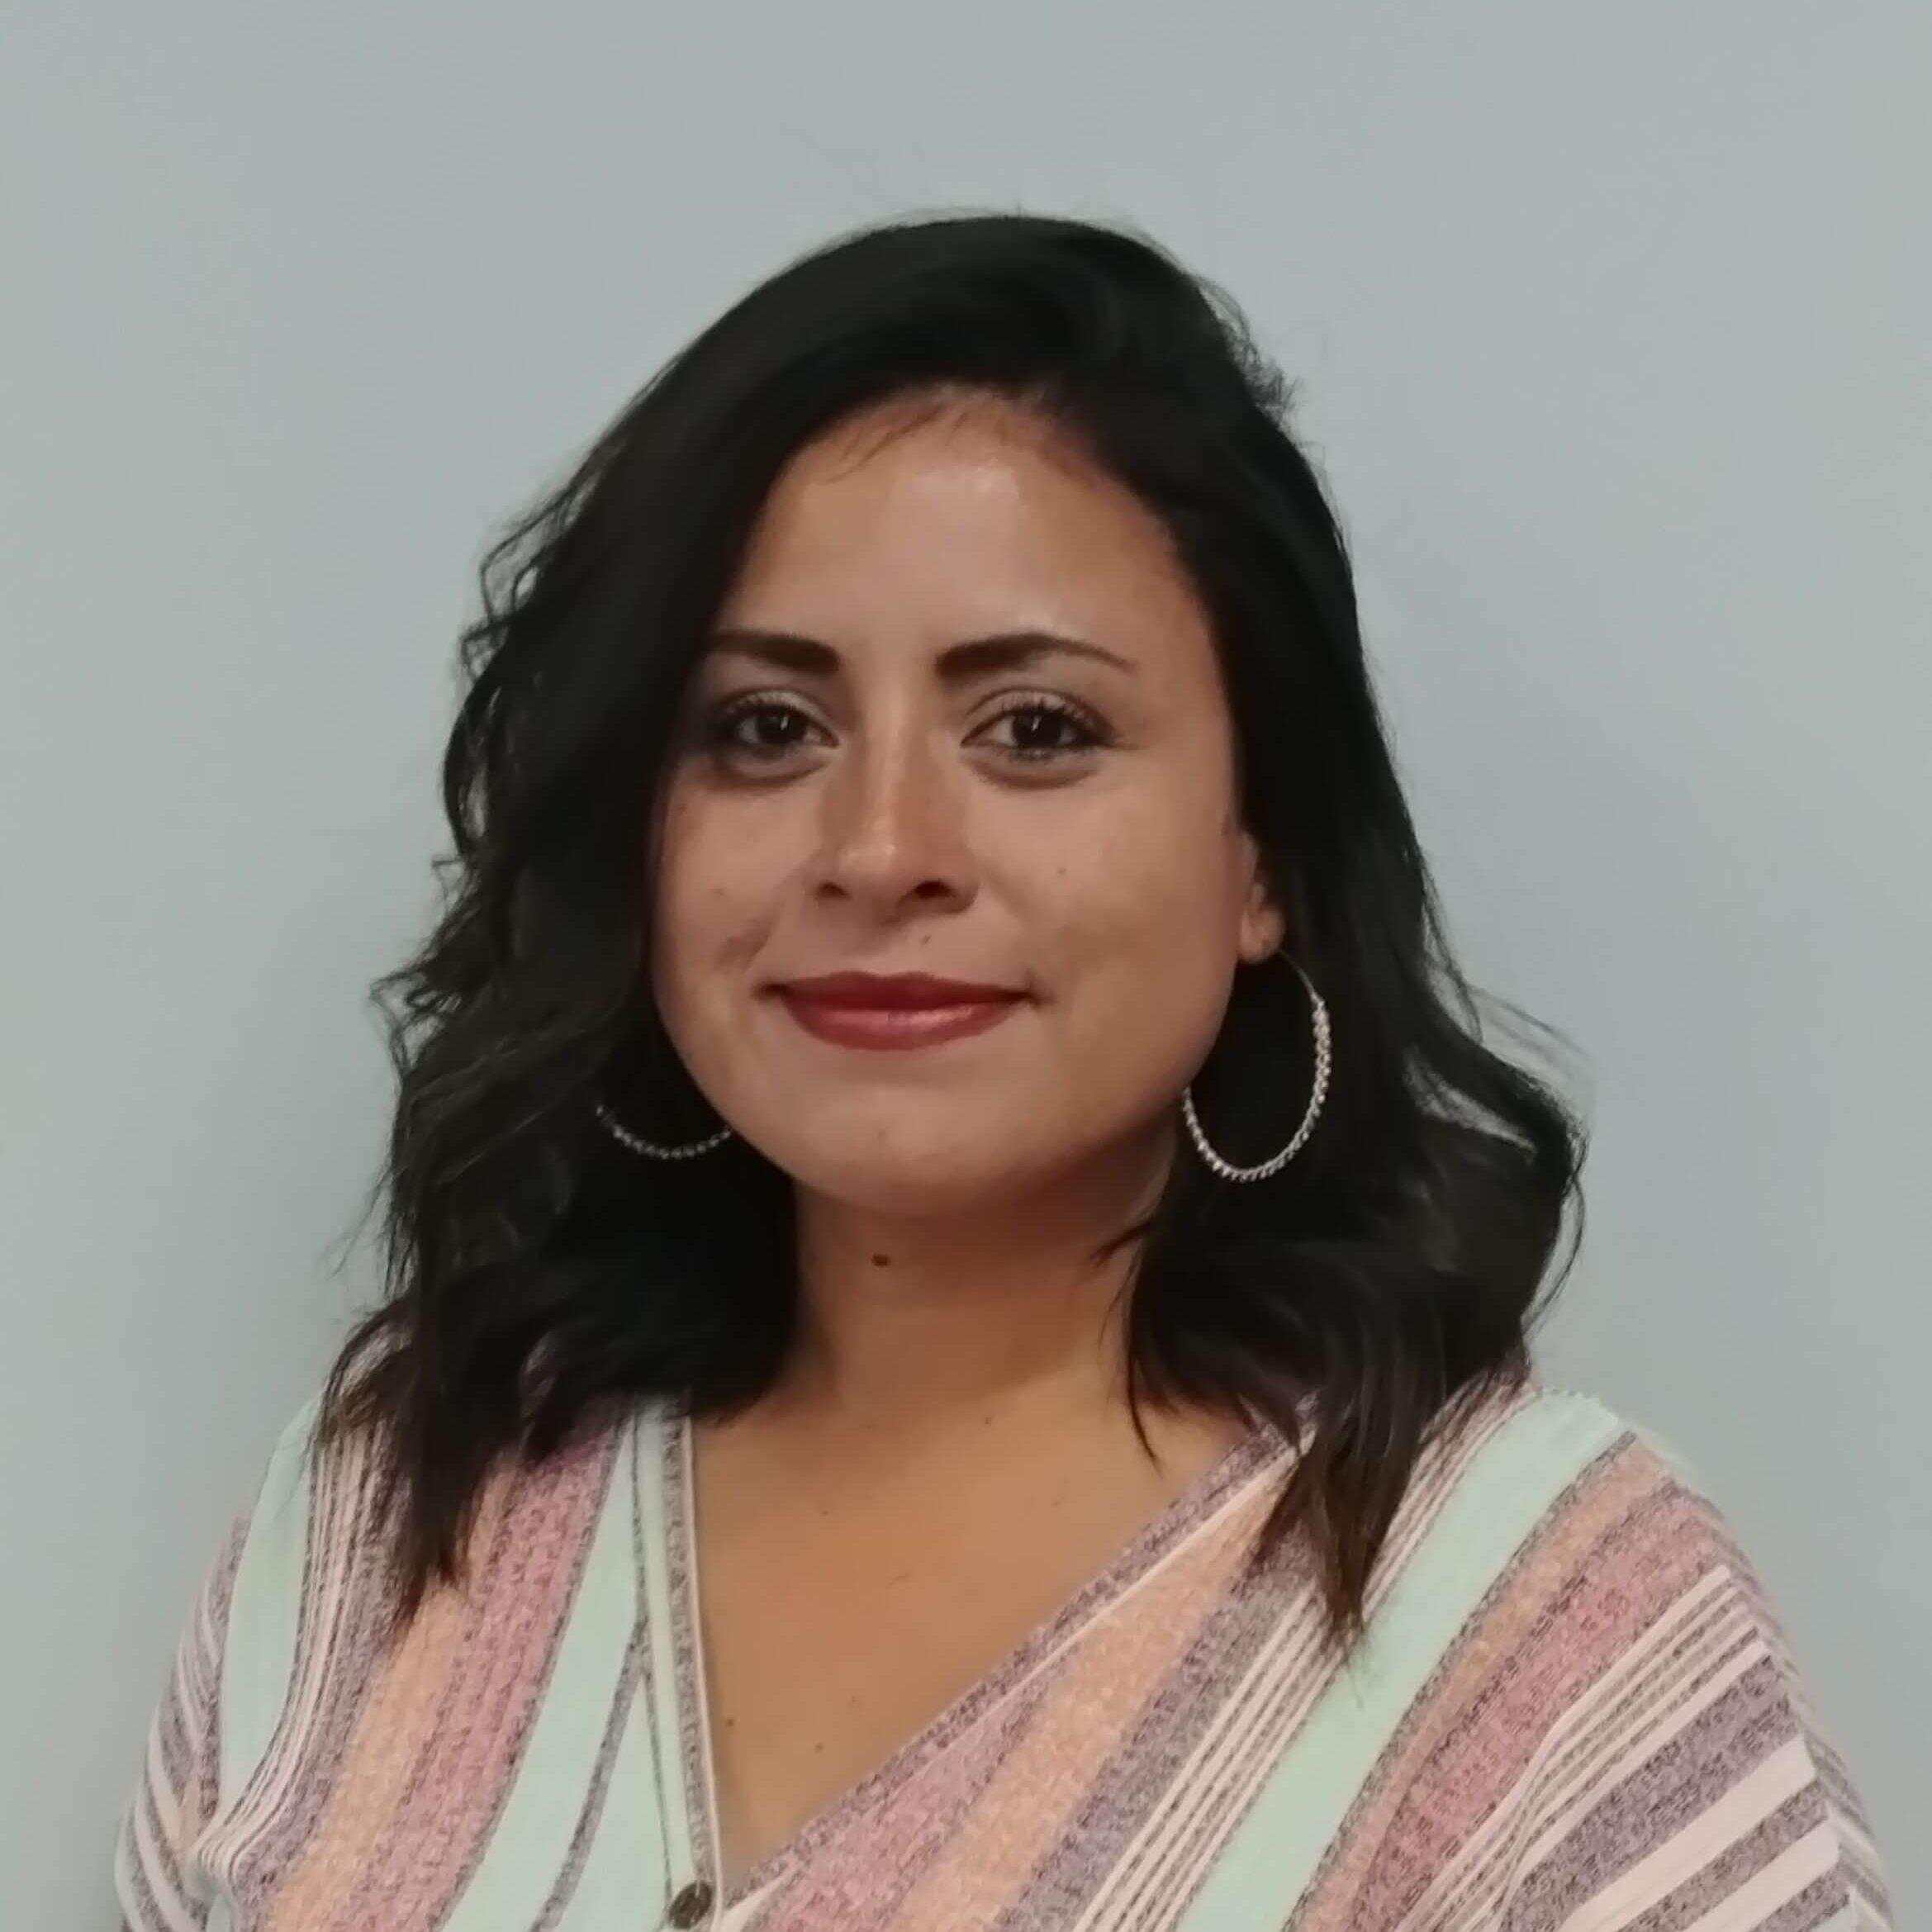 Veronica Cuevas